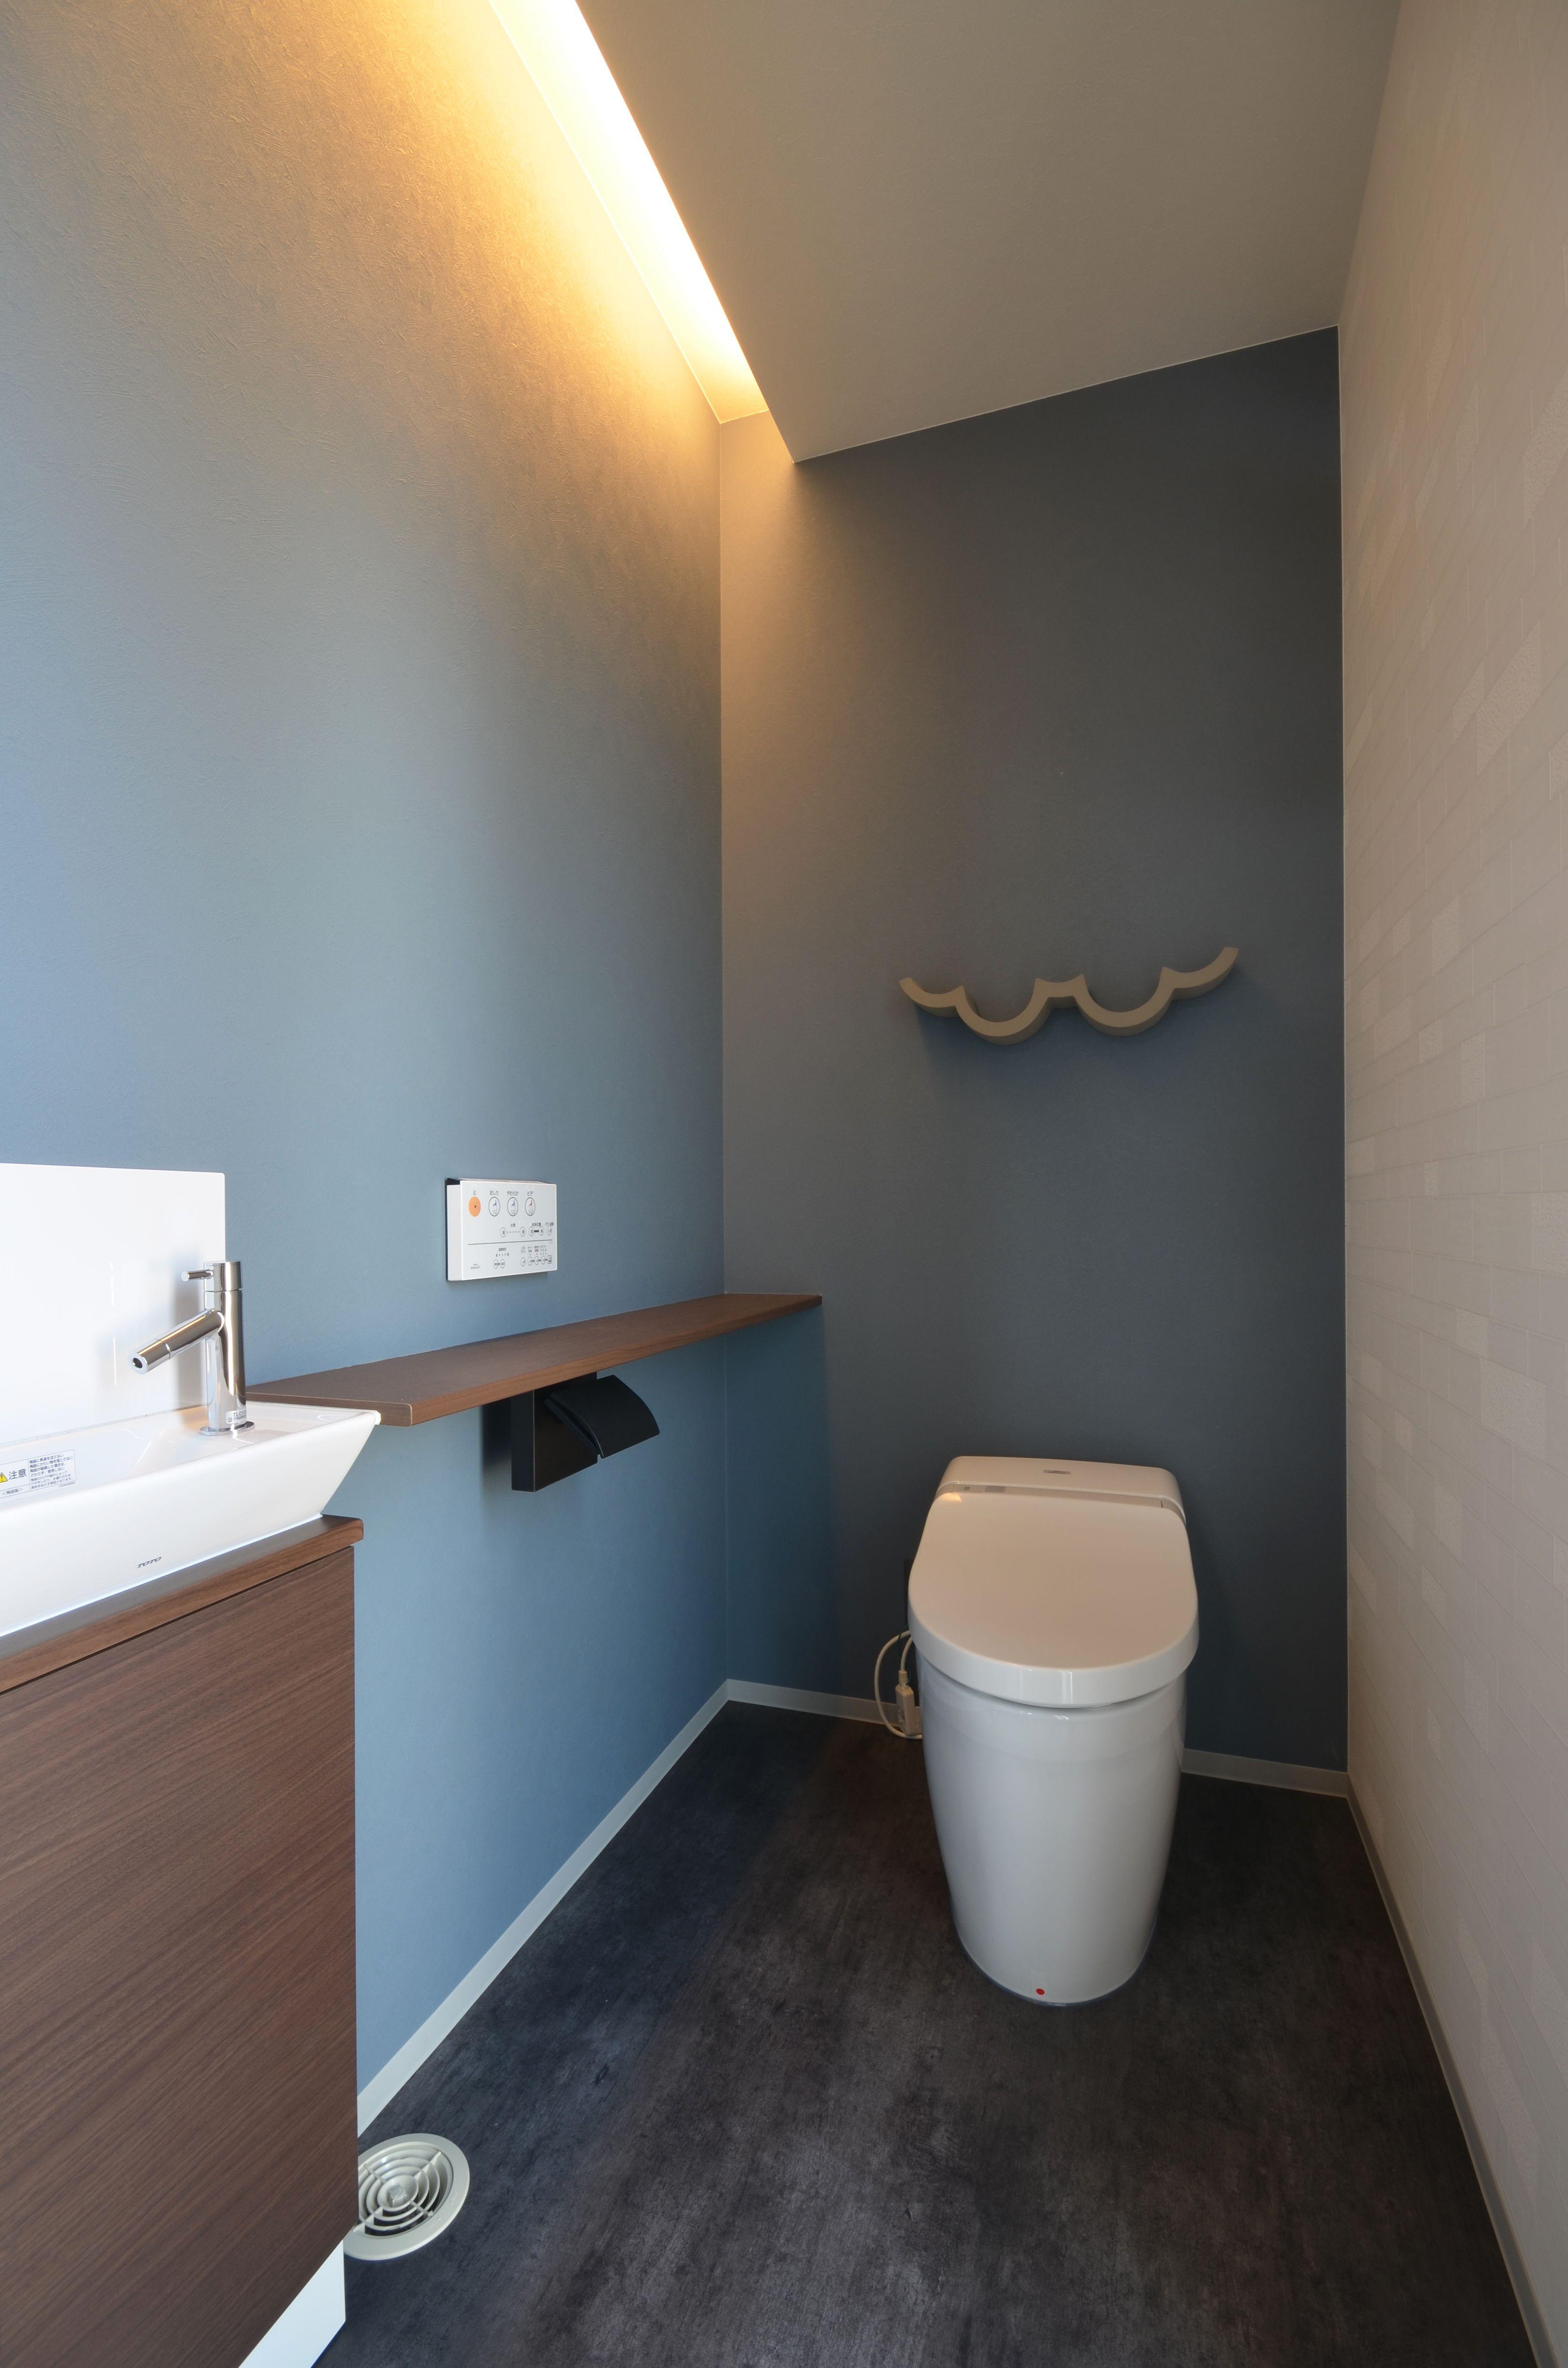 間接照明と雲の形のトイレットペーパーホルダーがおしゃれなトイレ